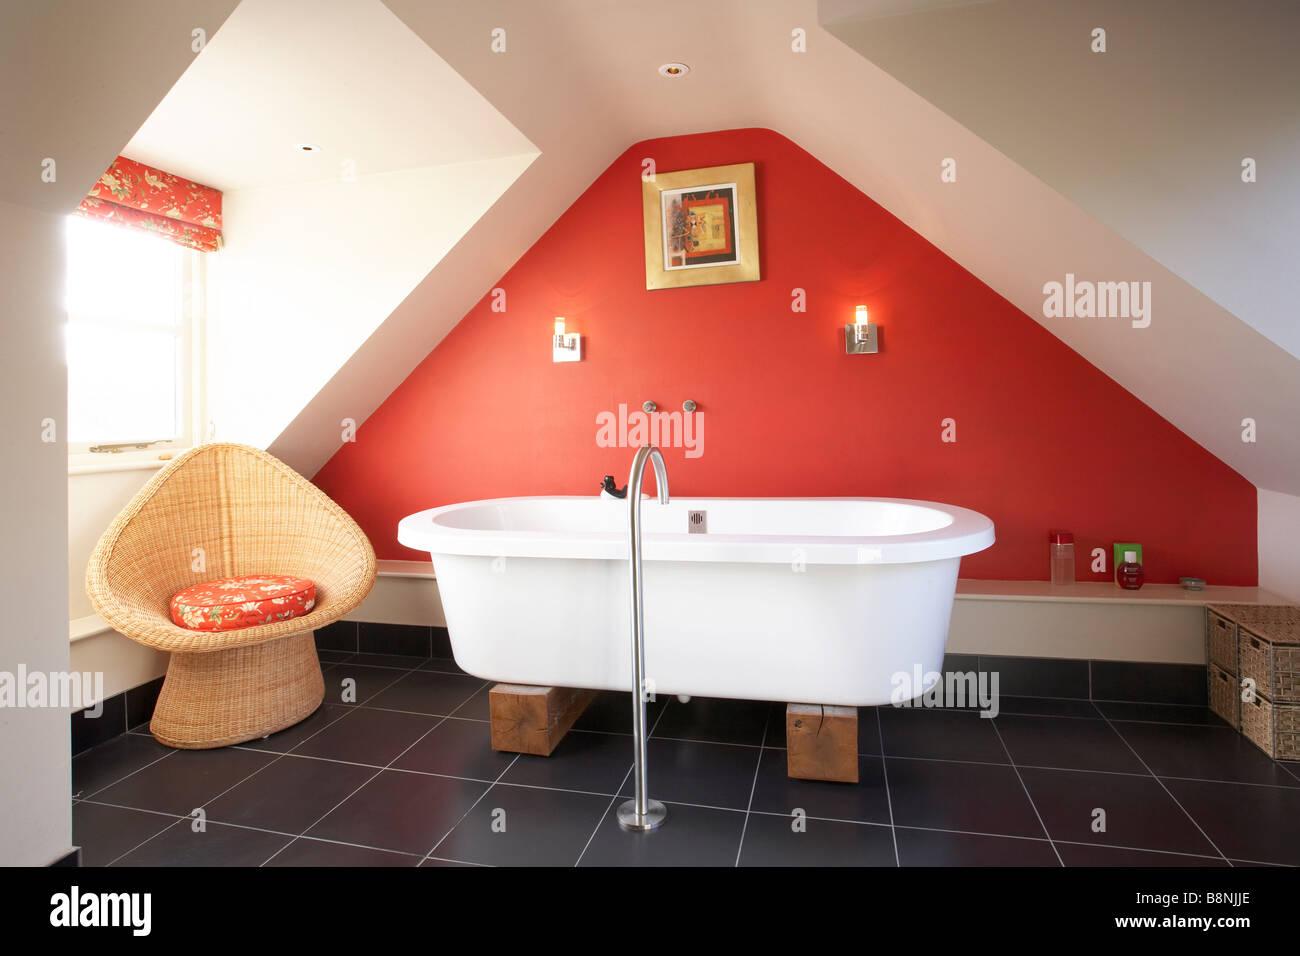 Innenausbau Badezimmer Im Dach Dachboden Mit Moderne Freistehende Badewanne  Auf Holzblöcke Schwarz Rote Wand Schiefer Boden